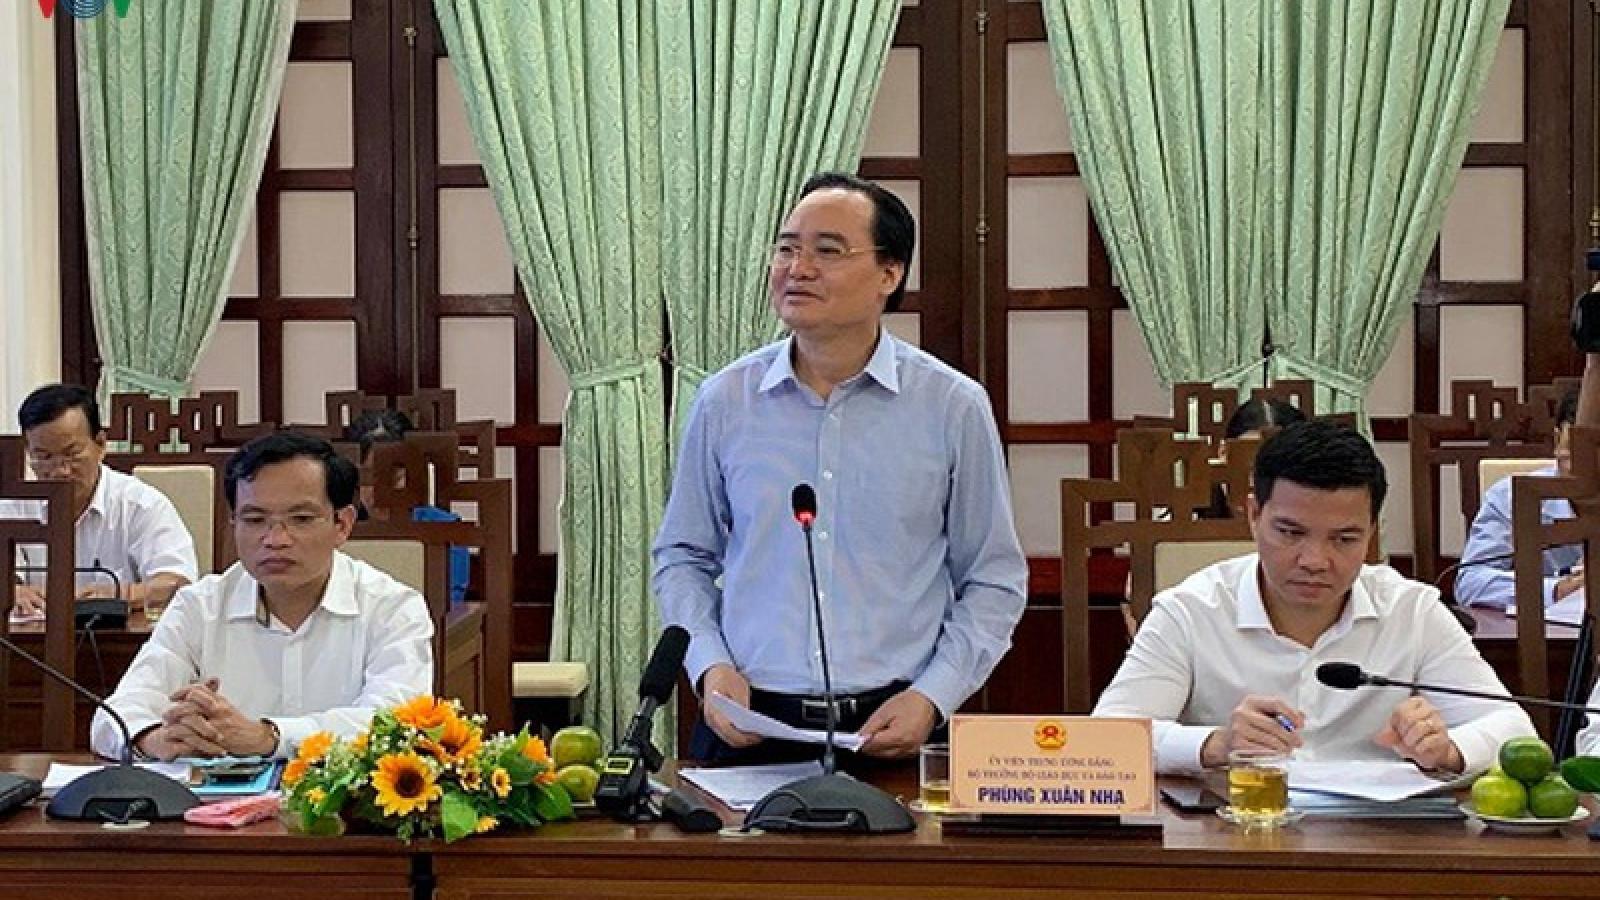 Thừa Thiên Huế: Đảm bảo kỳ thi tốt nghiệp THPT an toàn nghiêm túc